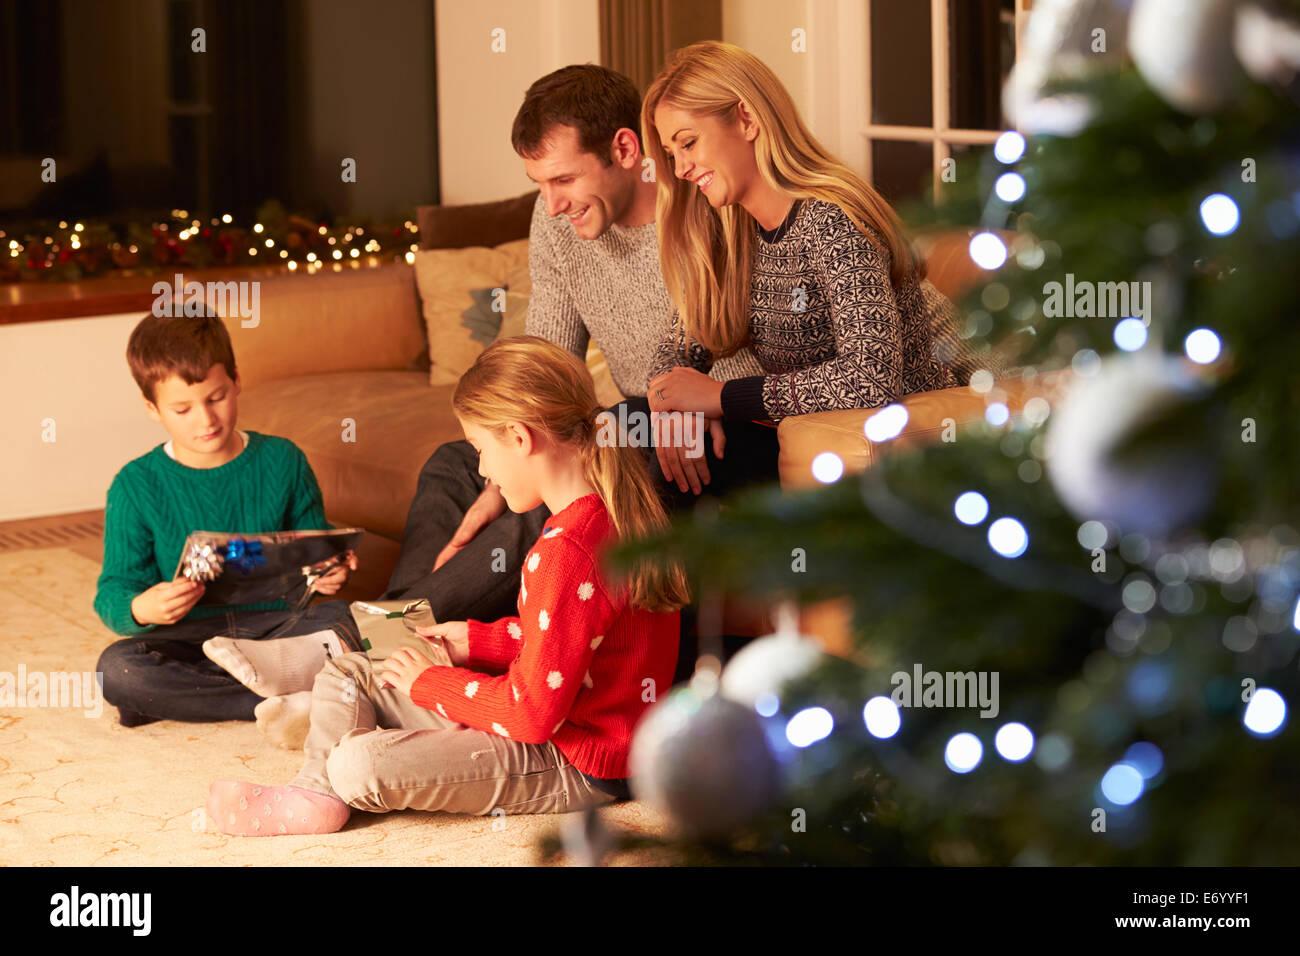 Familia desenvolviendo regalos por árbol de Navidad Imagen De Stock